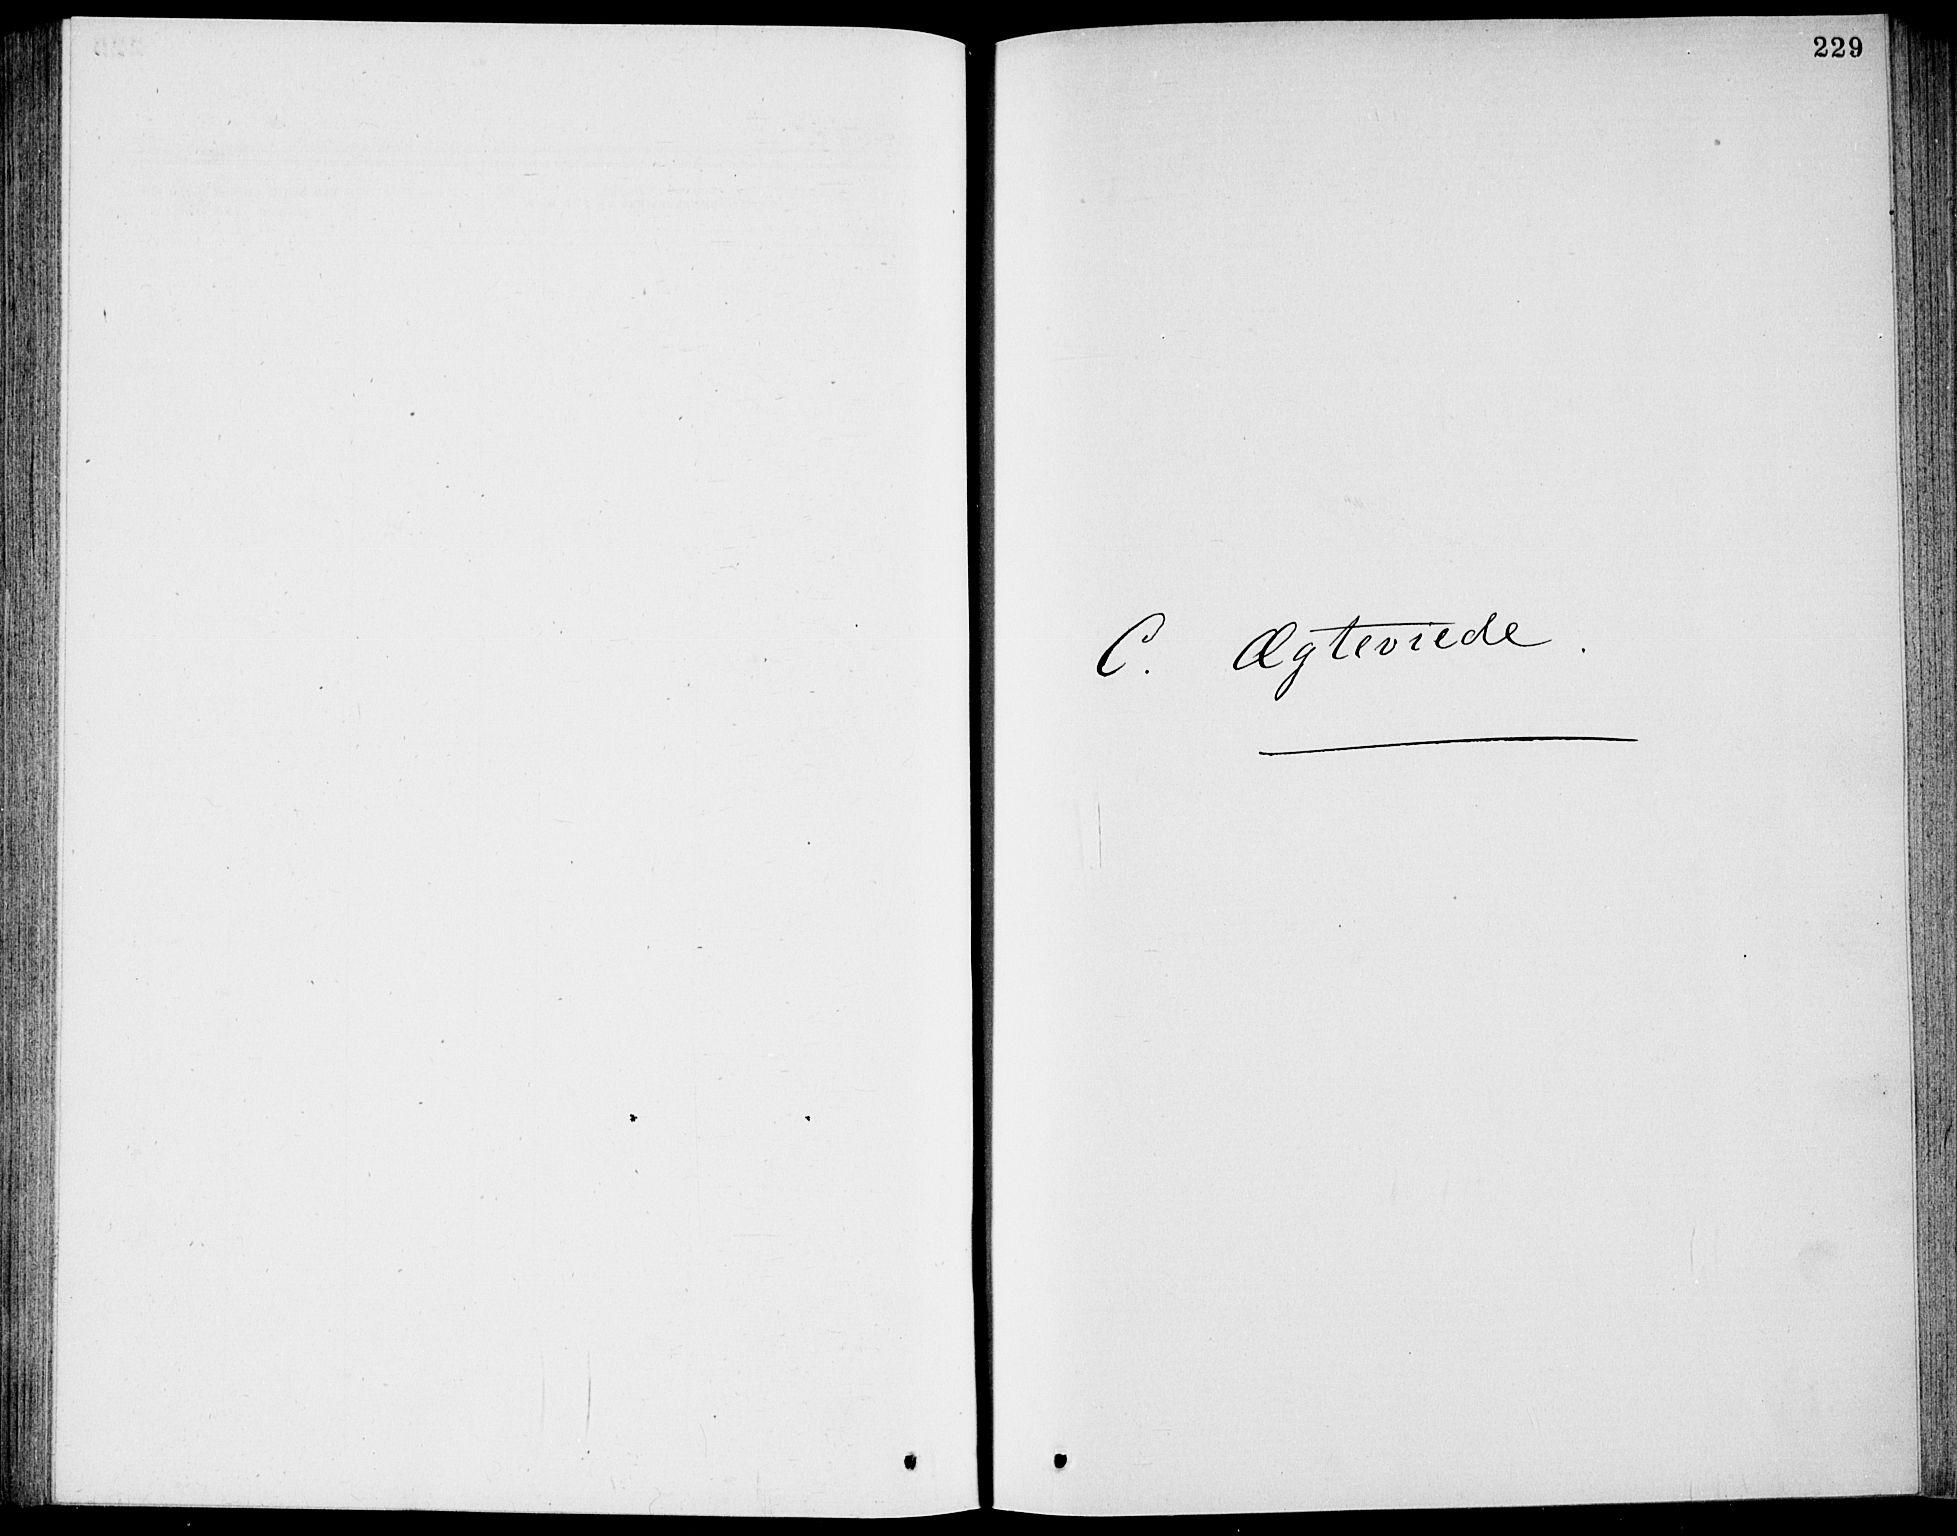 SAKO, Bamble kirkebøker, G/Ga/L0007: Klokkerbok nr. I 7, 1876-1877, s. 229